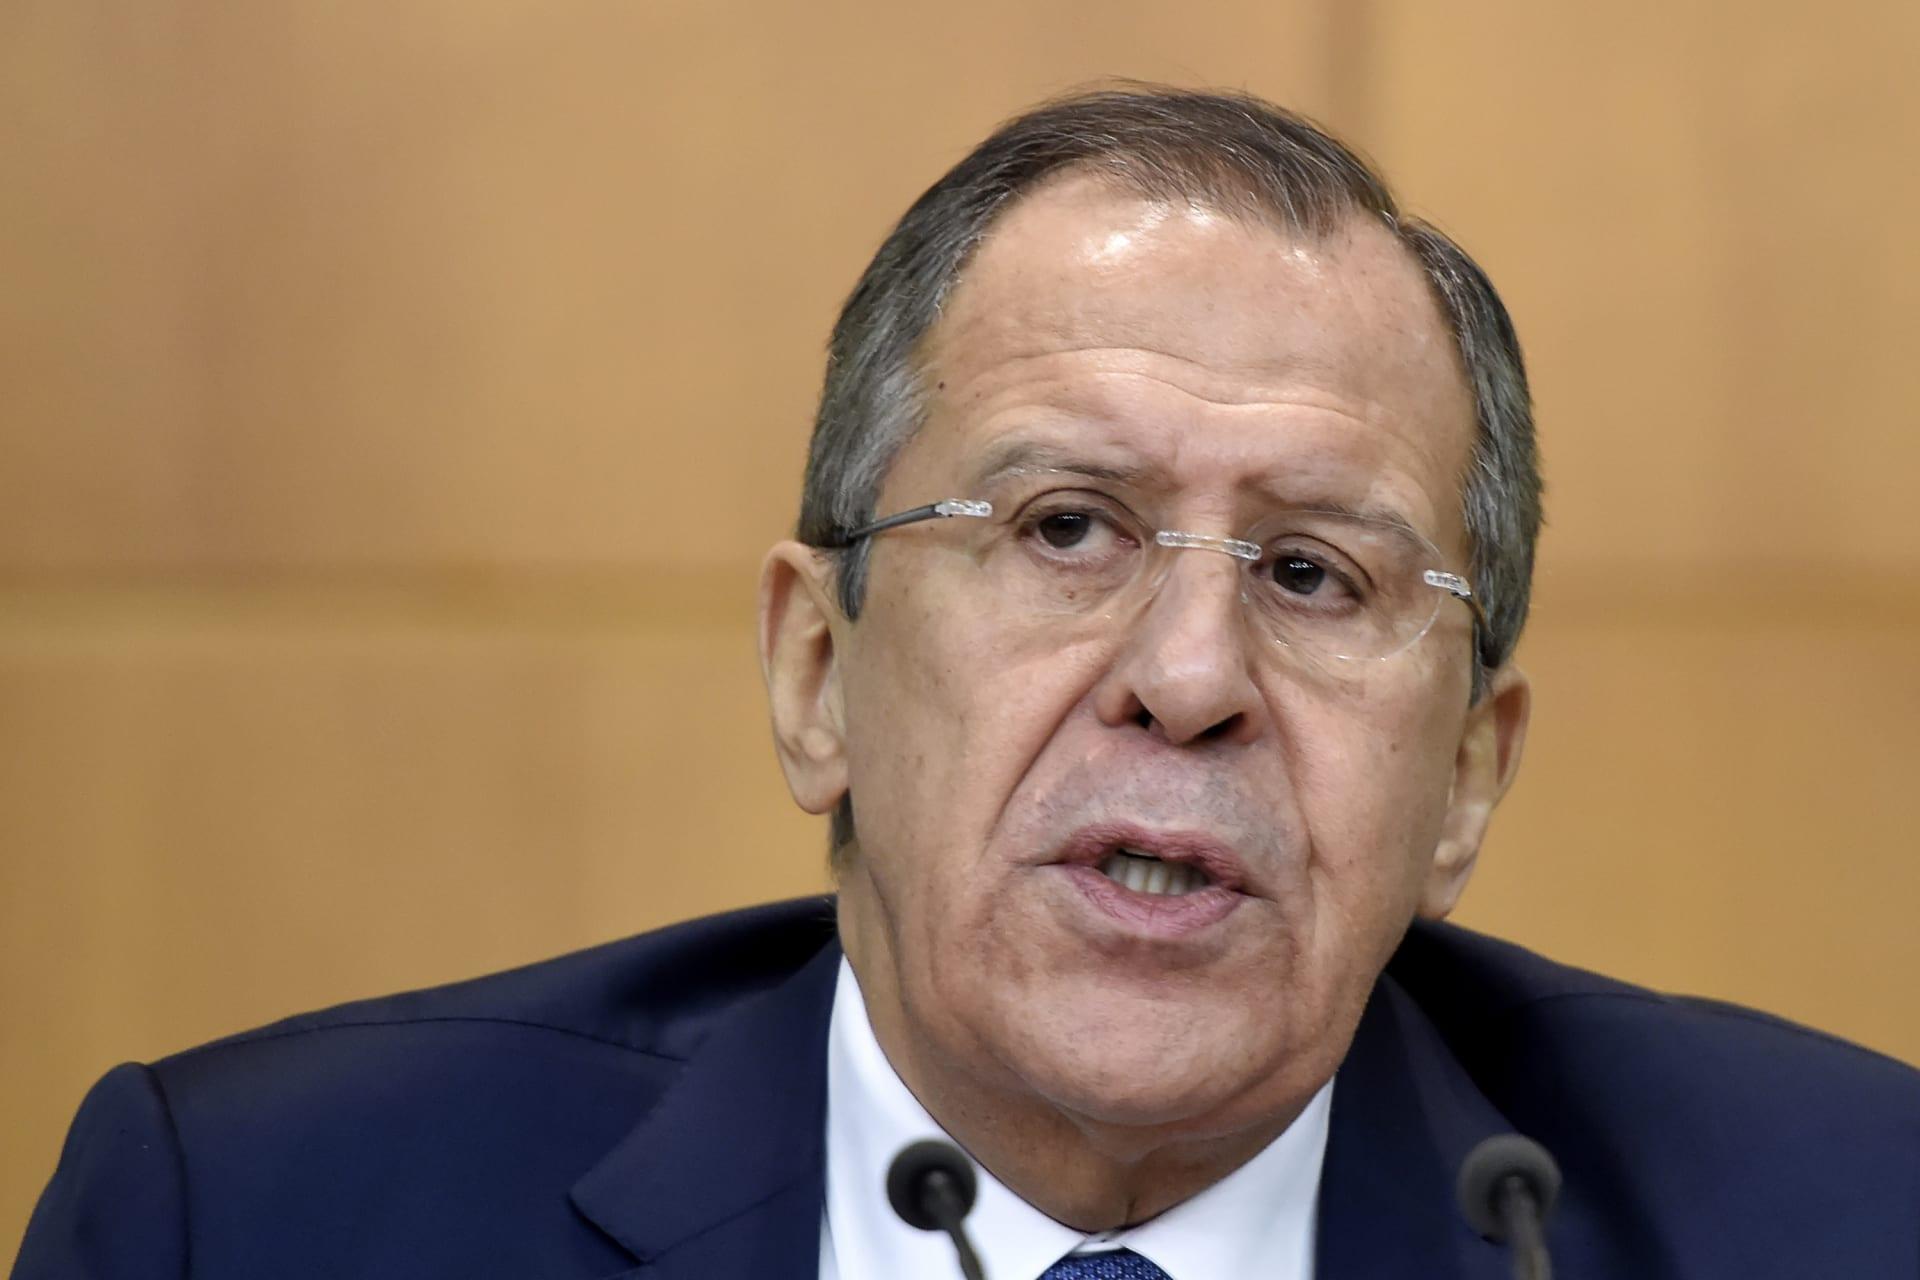 """بعد اتهام روسيا بخرق """"وقف الأعمال العدائية"""".. الكرملين: توخوا الحذر عند توجيه الاتهامات المزعومة"""